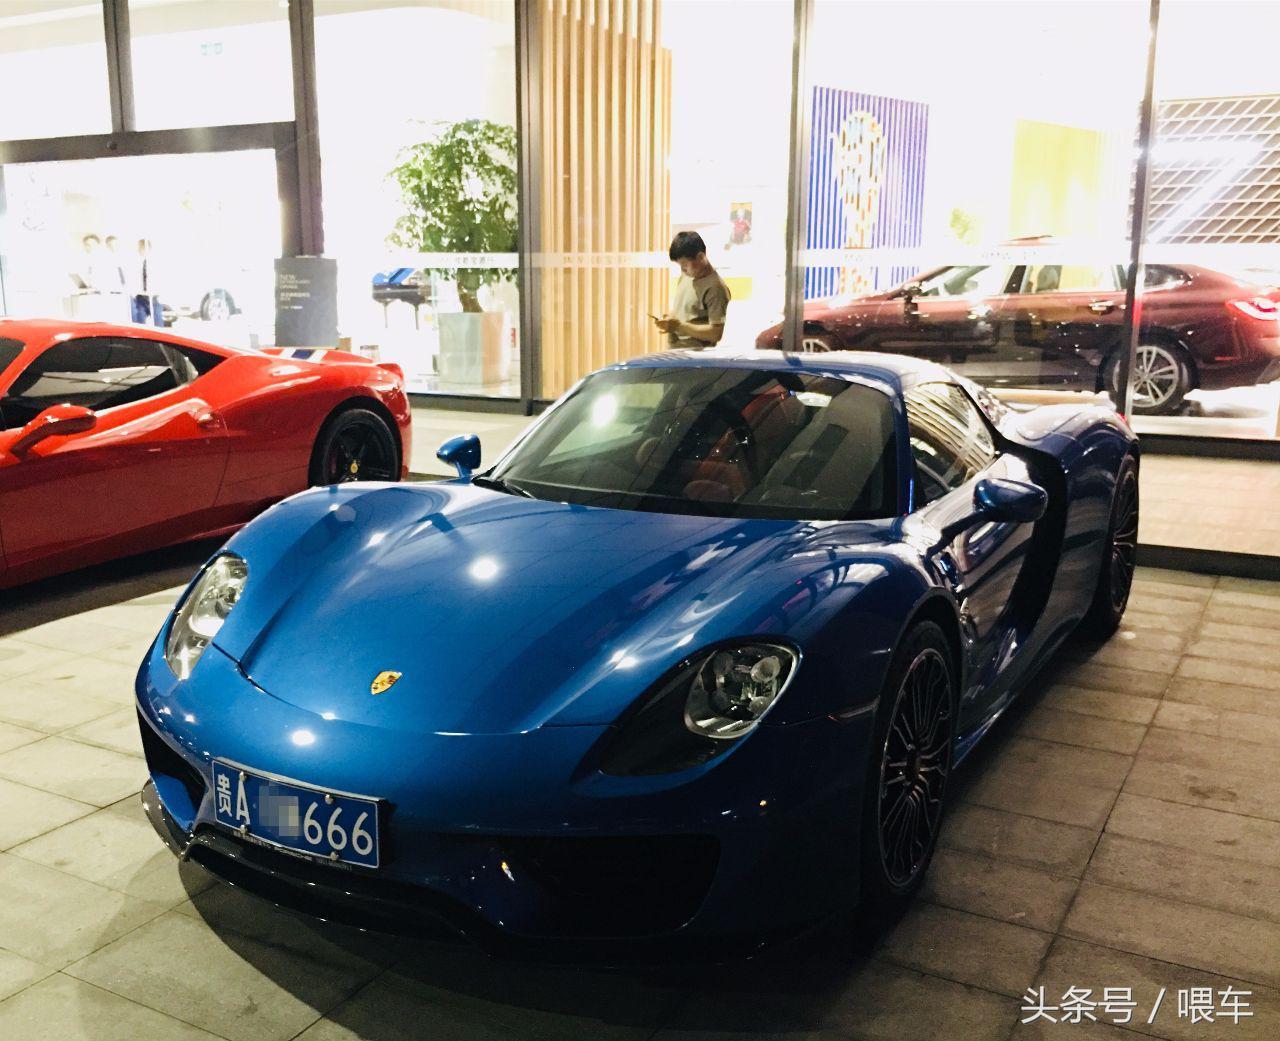 贵阳第一贵的超跑,车牌666,车主拥有25家4S店的